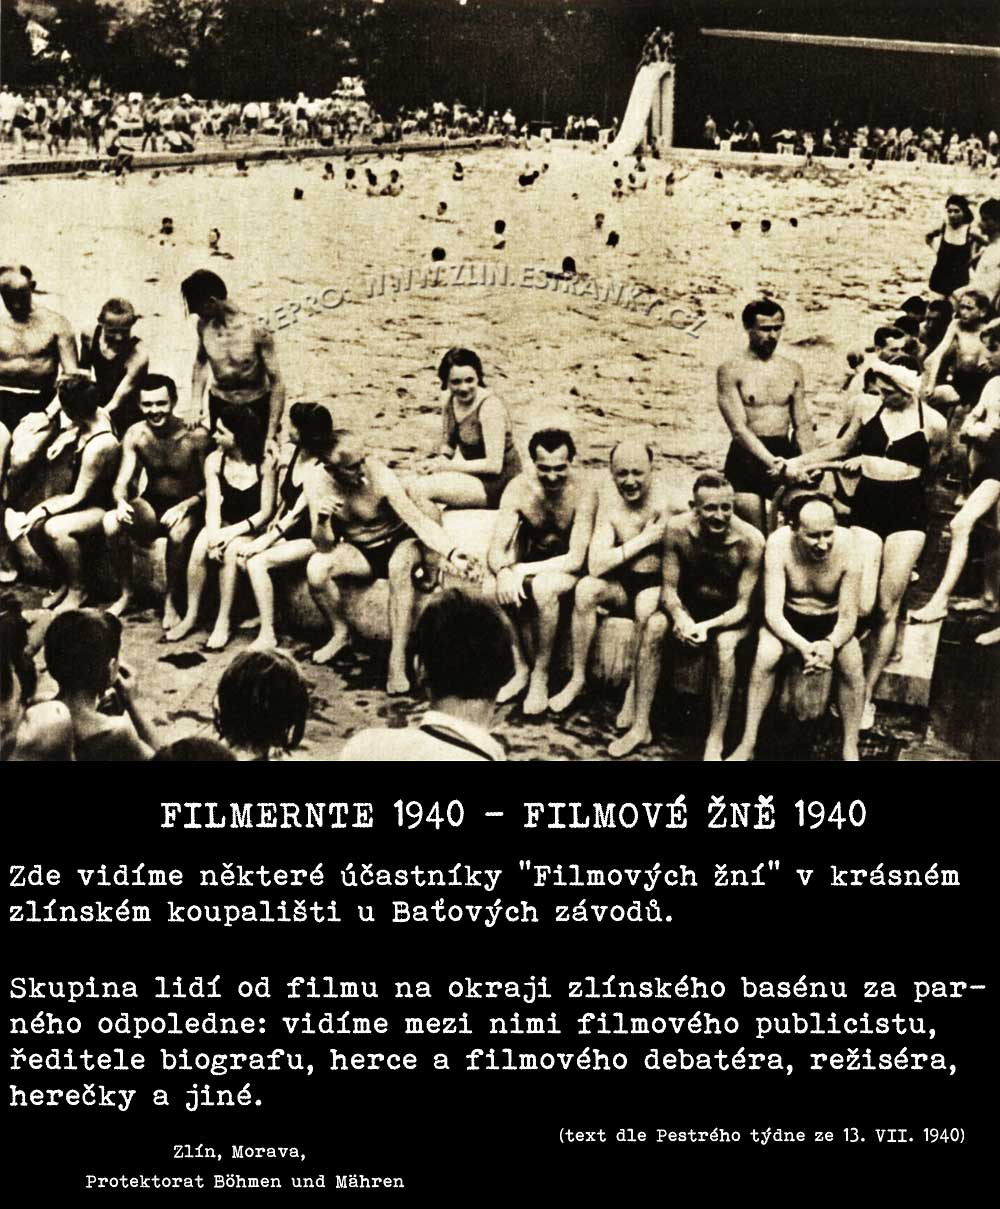 Filmernte 1940 - Filmové žně 1940 b